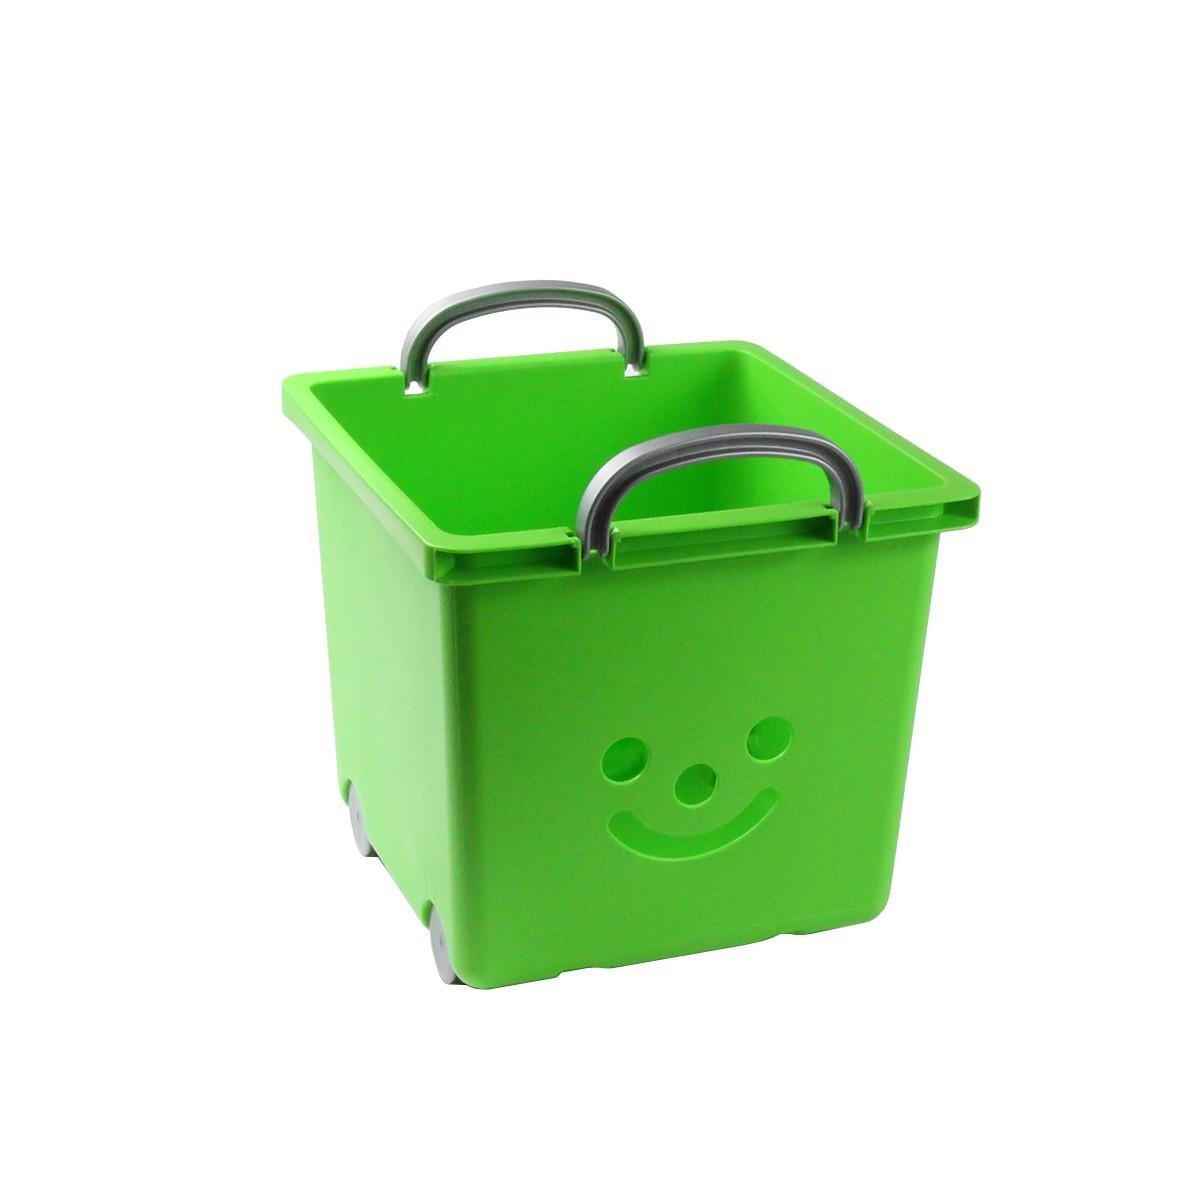 destockage noz industrie alimentaire france paris machine bac plastique vert. Black Bedroom Furniture Sets. Home Design Ideas